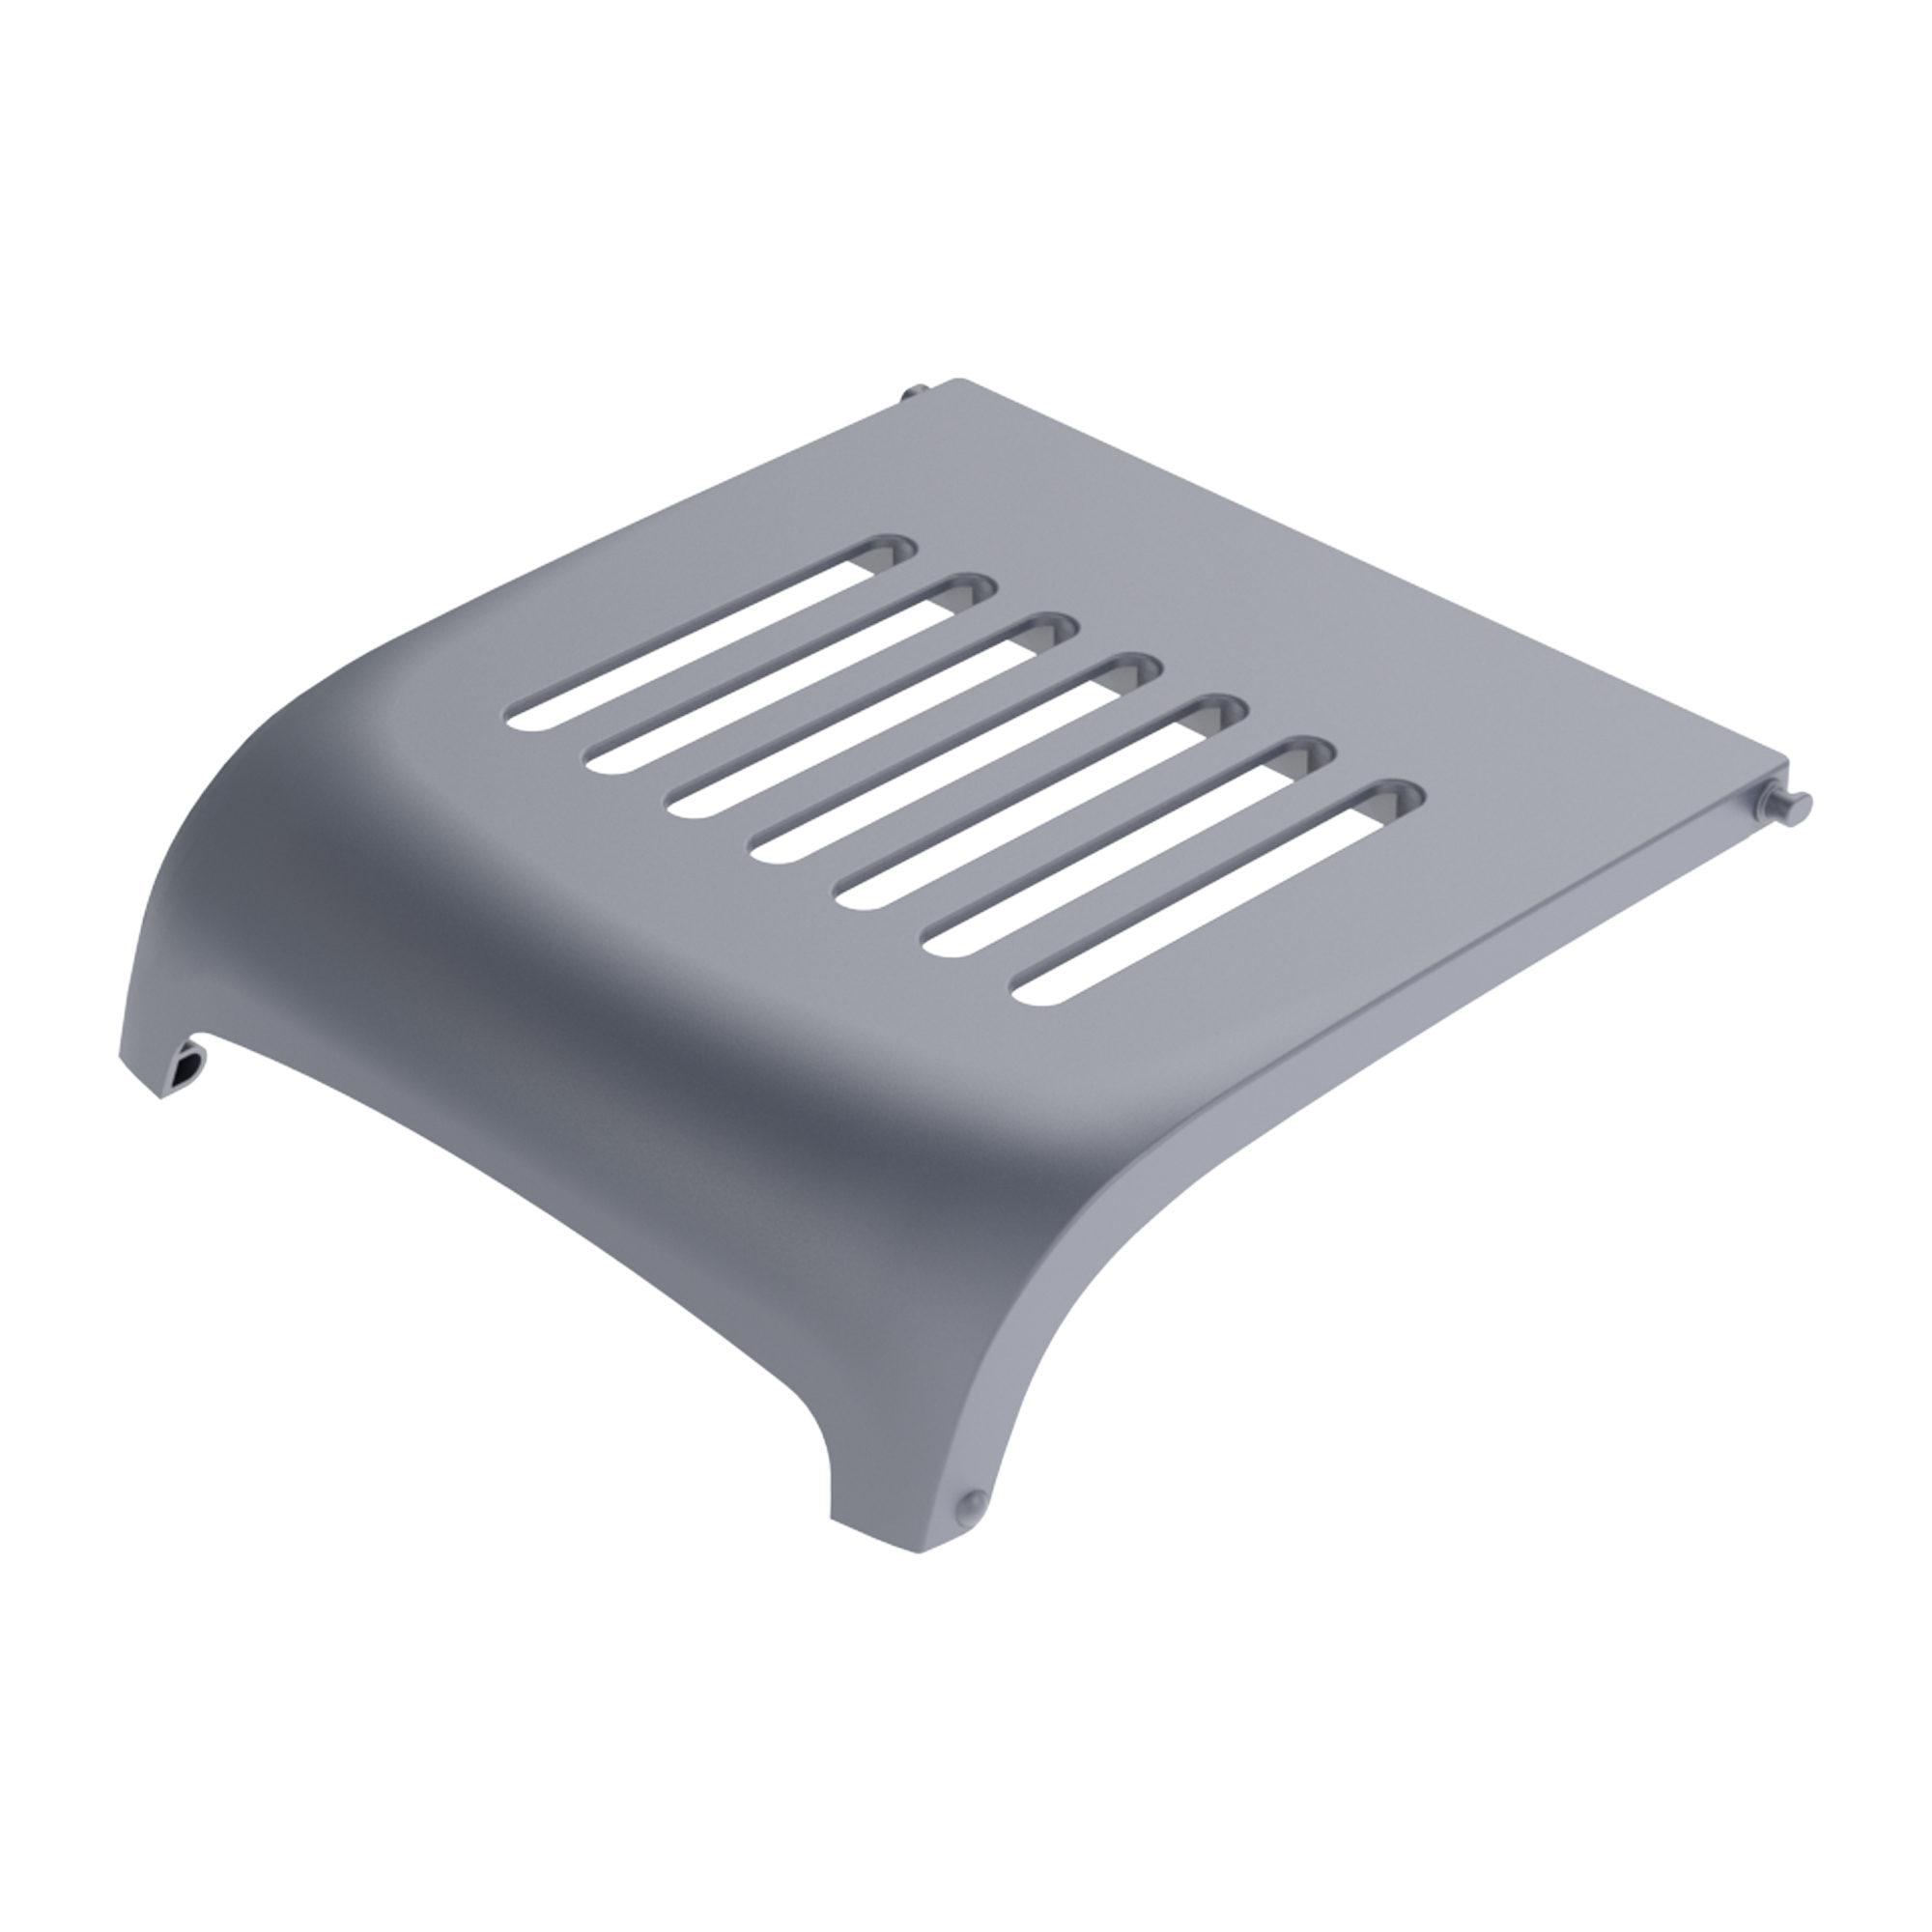 PeeWee EcoDome - Bac à litière pour chat - Couvercle pour filtre - Anthracite